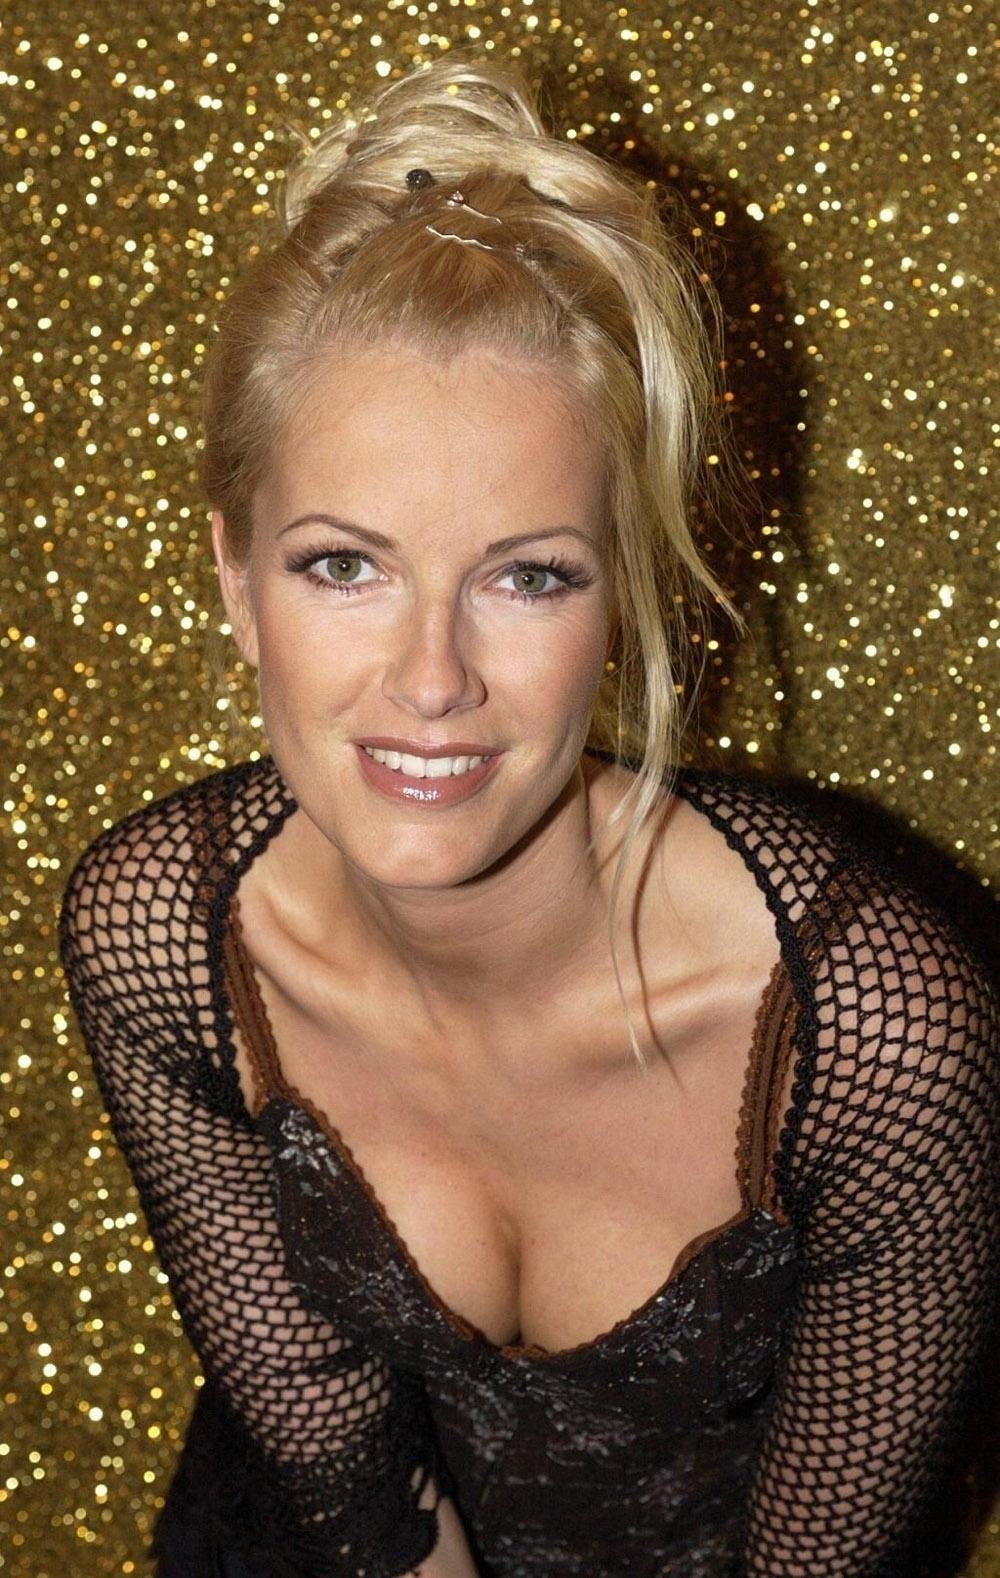 Anna Heesch ist komplett nackt! » Nacktefoto.com - Nackte